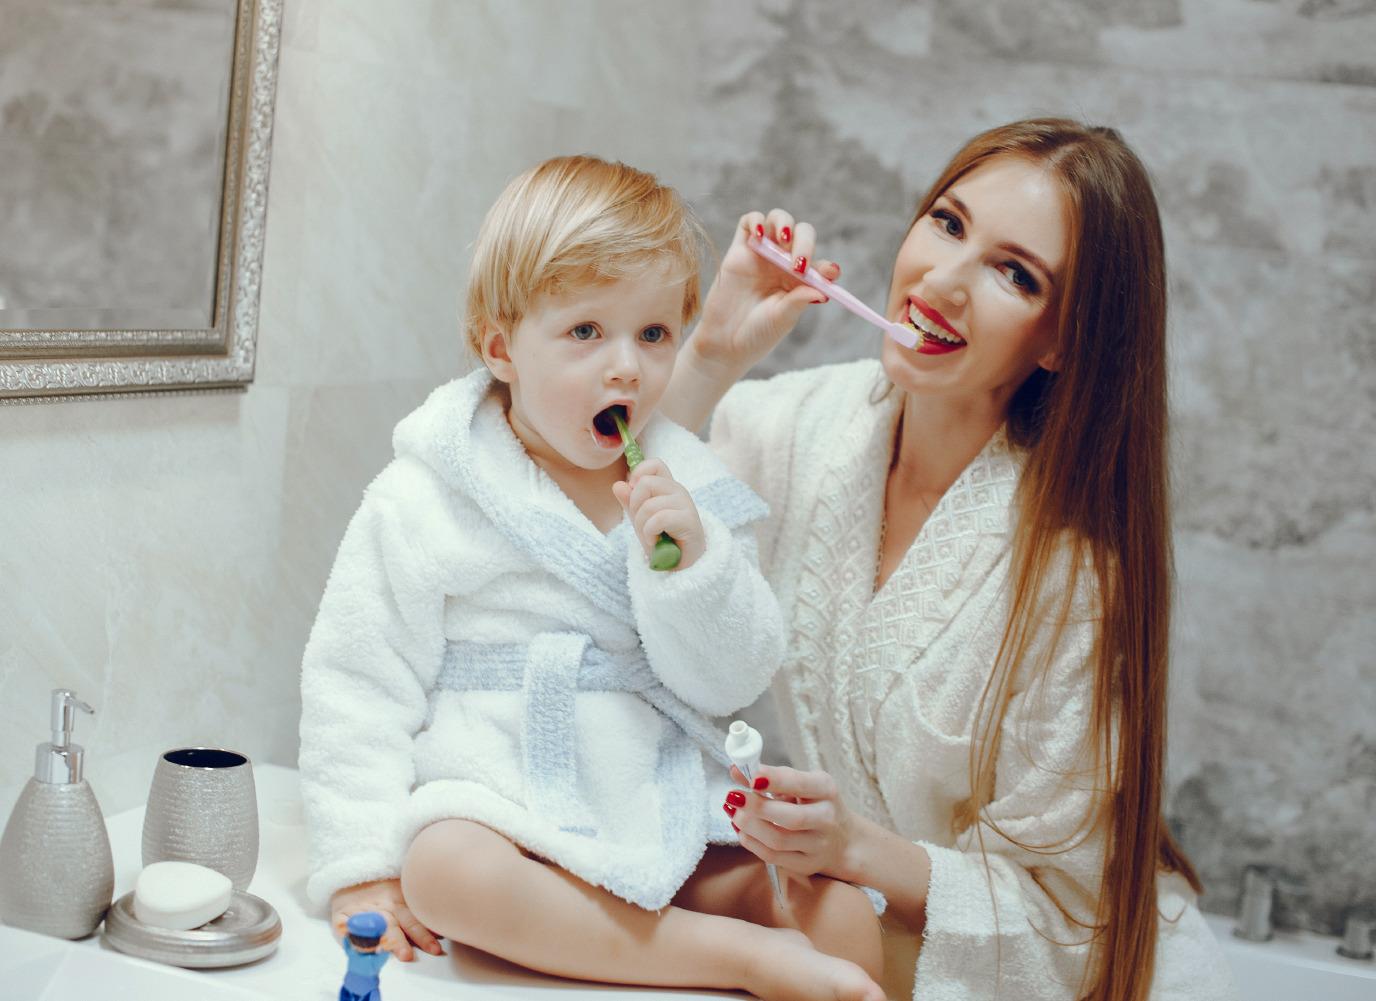 Mách nhỏ Mẹ bí quyết vệ sinh răng cho bé 2 tuổi